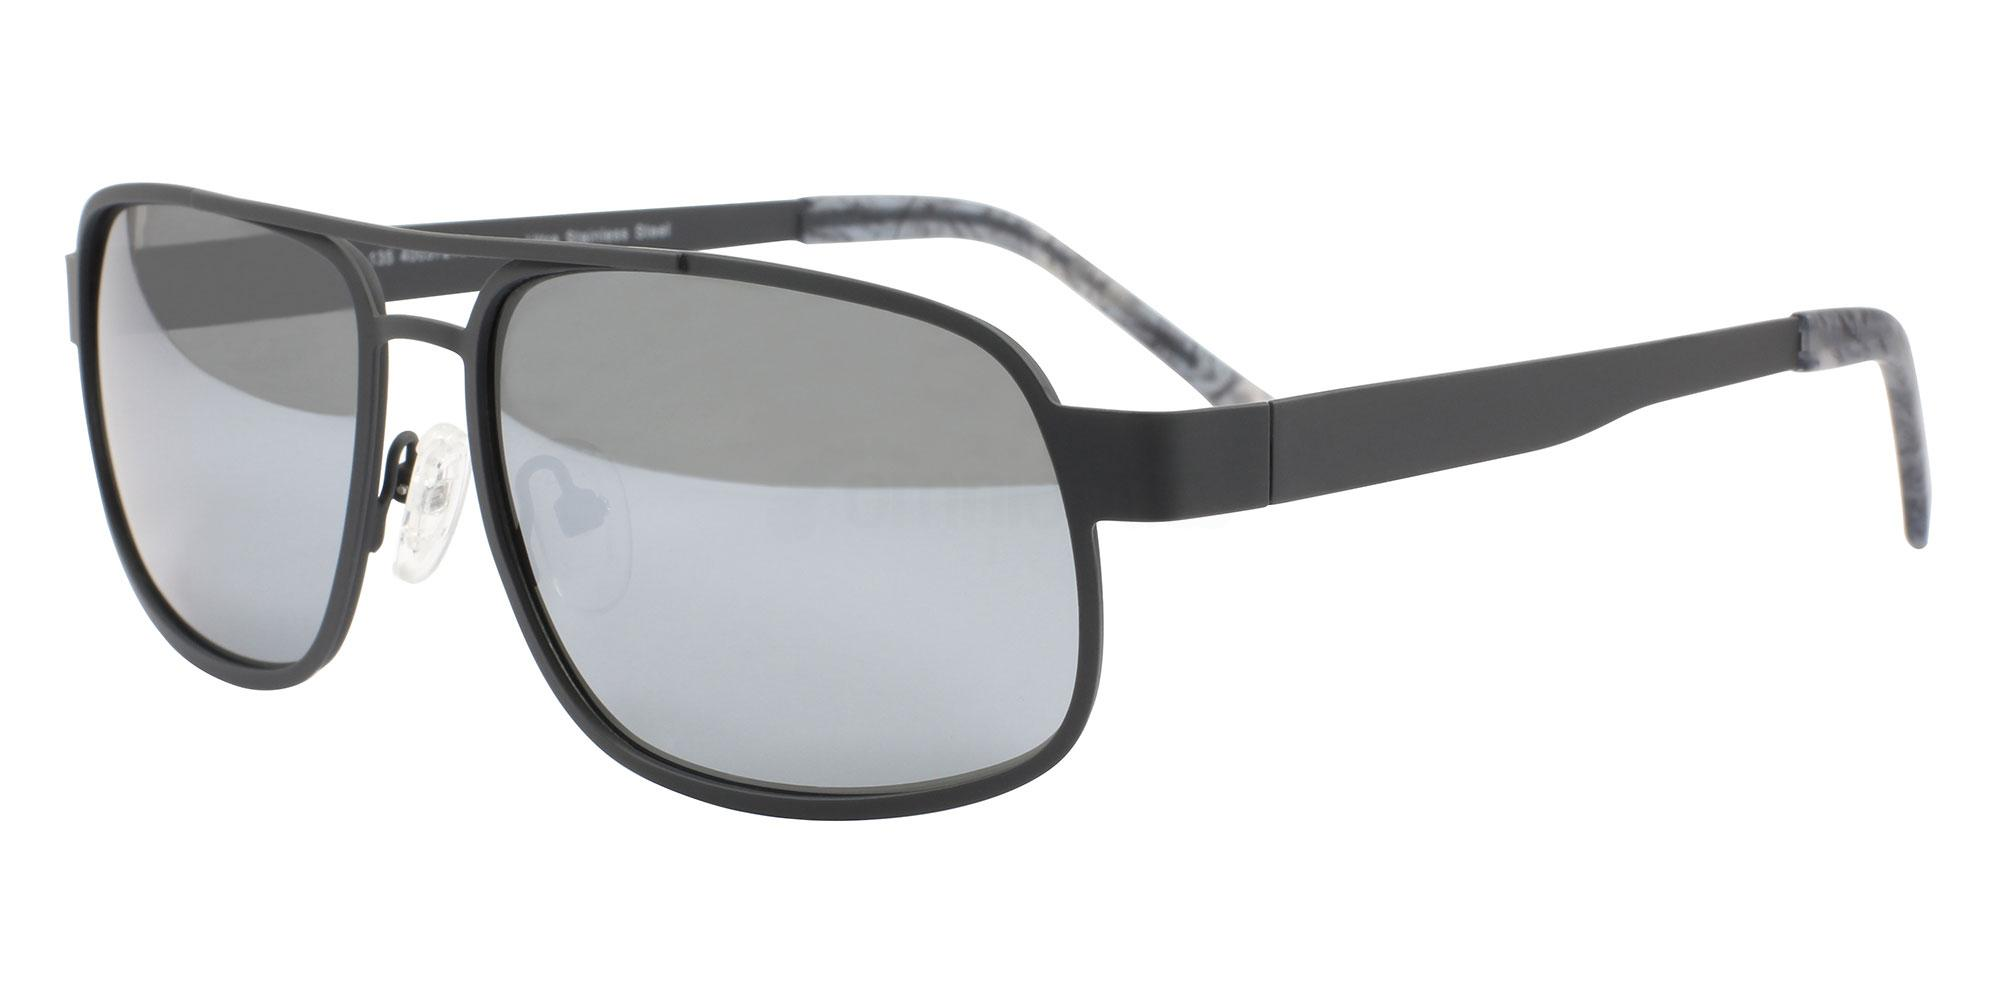 C1 Dunlop Sun 41 Sunglasses, Dunlop